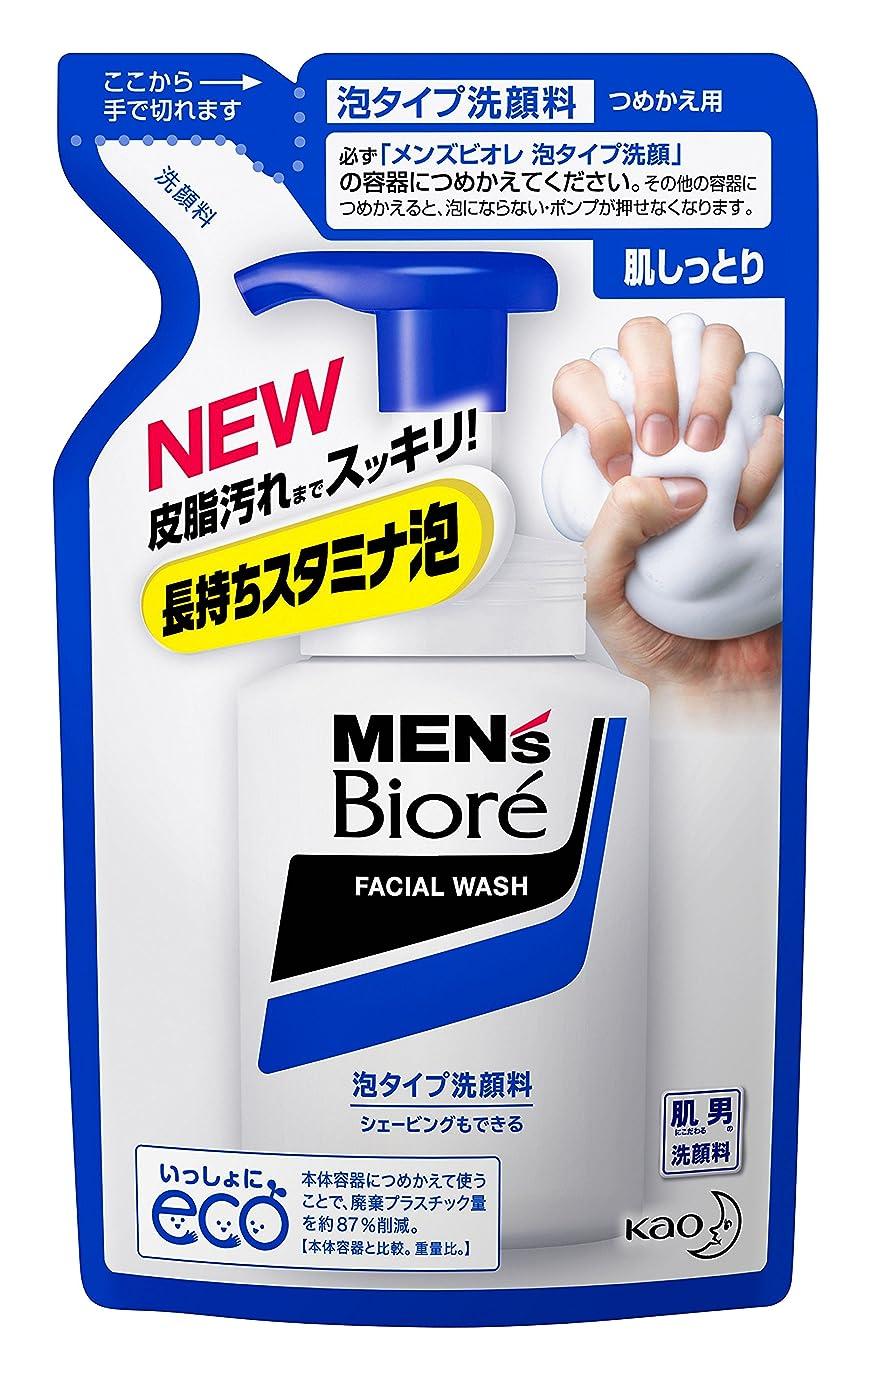 忠実に小間リサイクルするメンズビオレ 泡タイプ洗顔 つめかえ